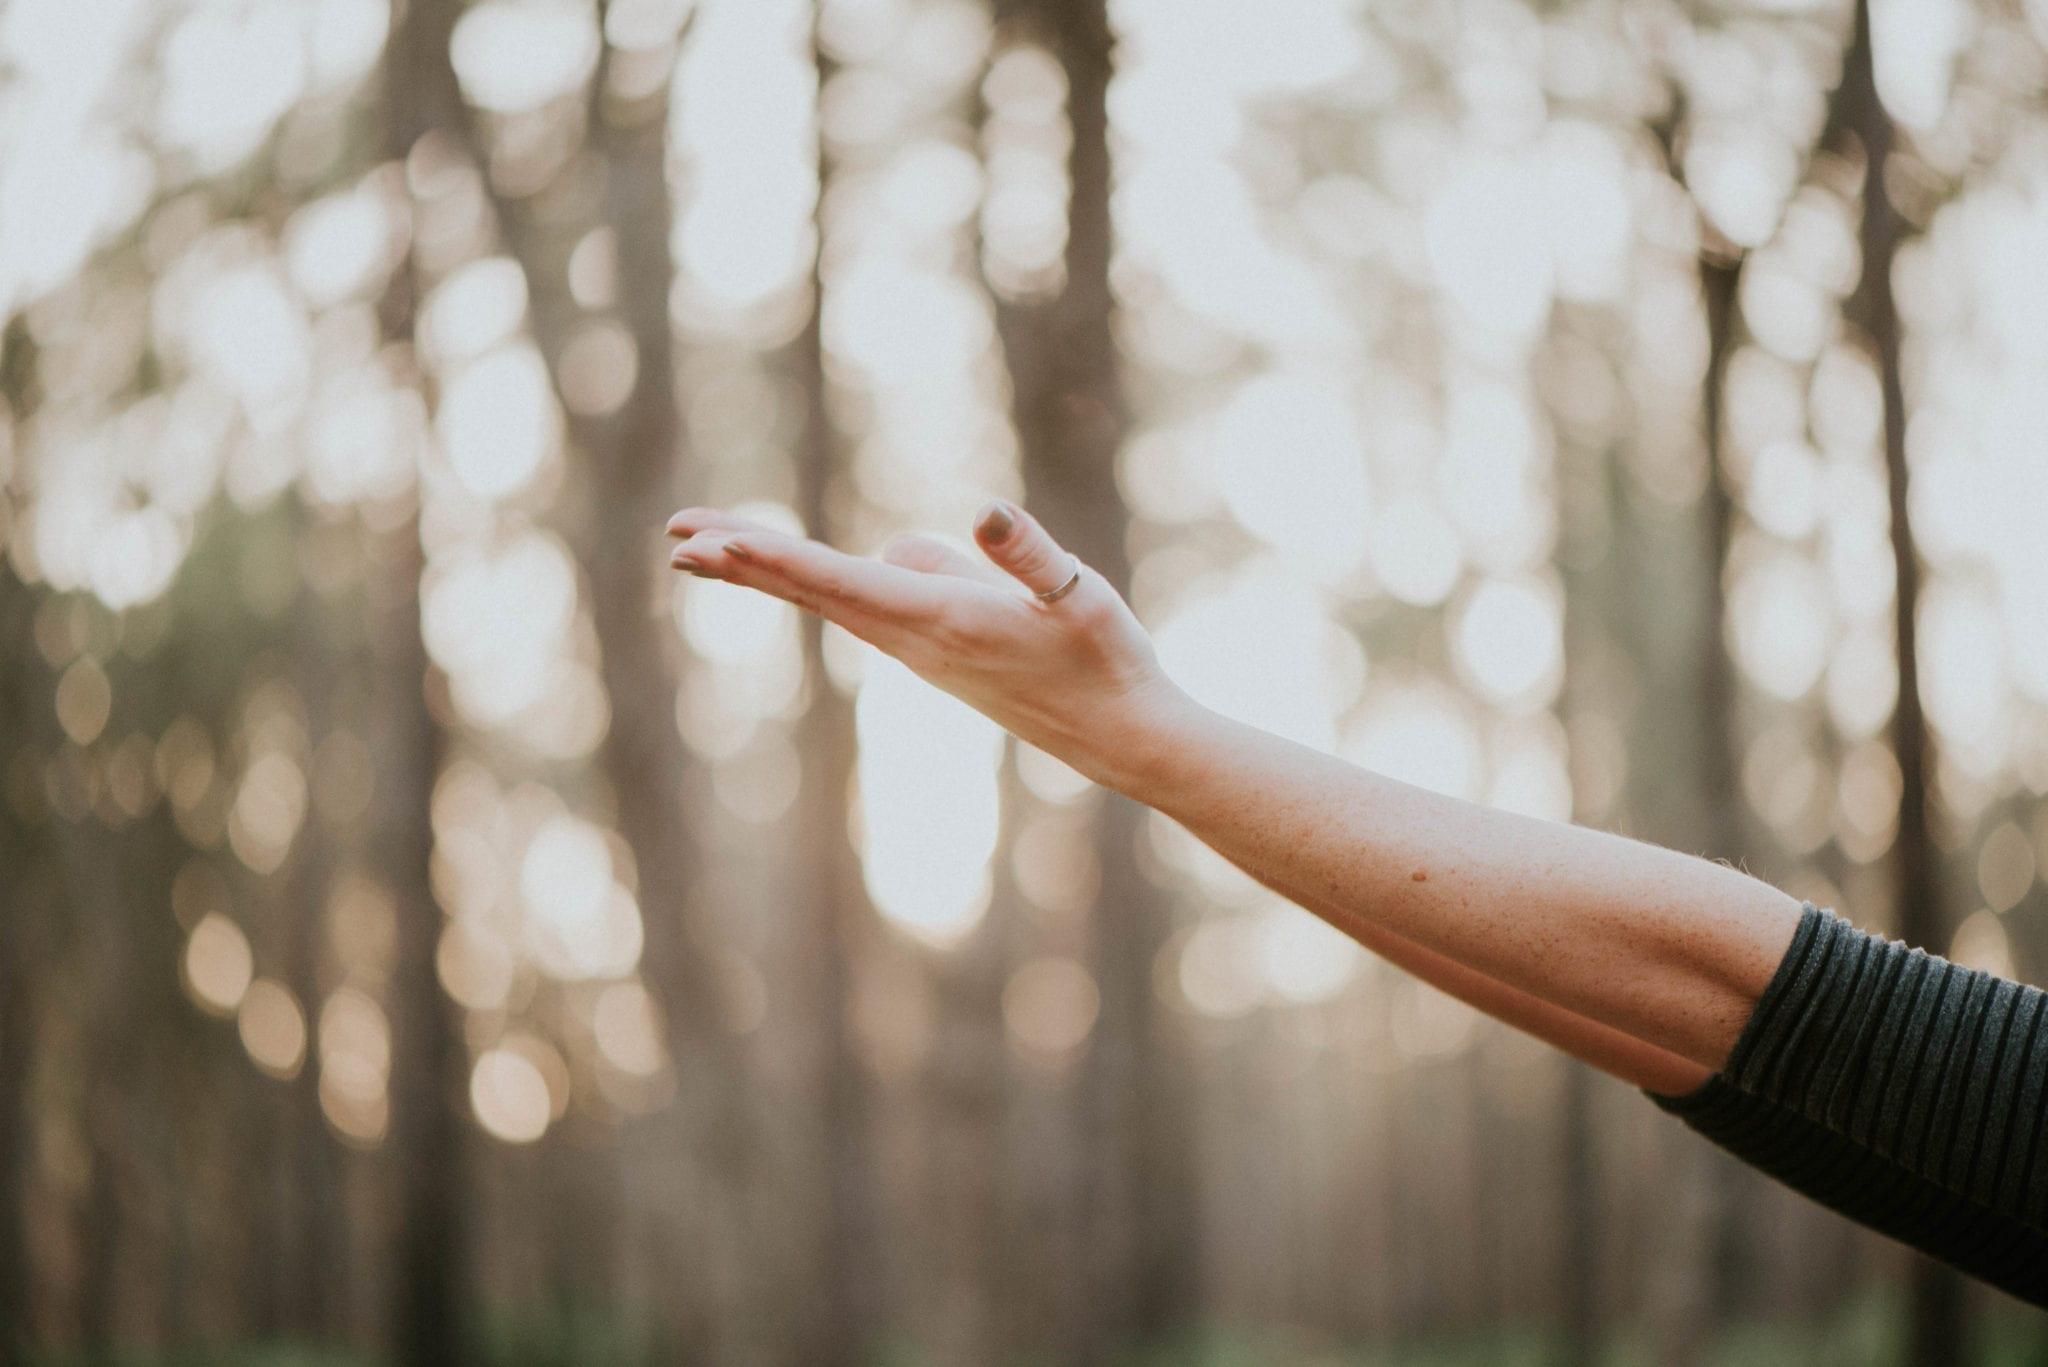 Las manos extendidas pueden simbolizar el bienestar.